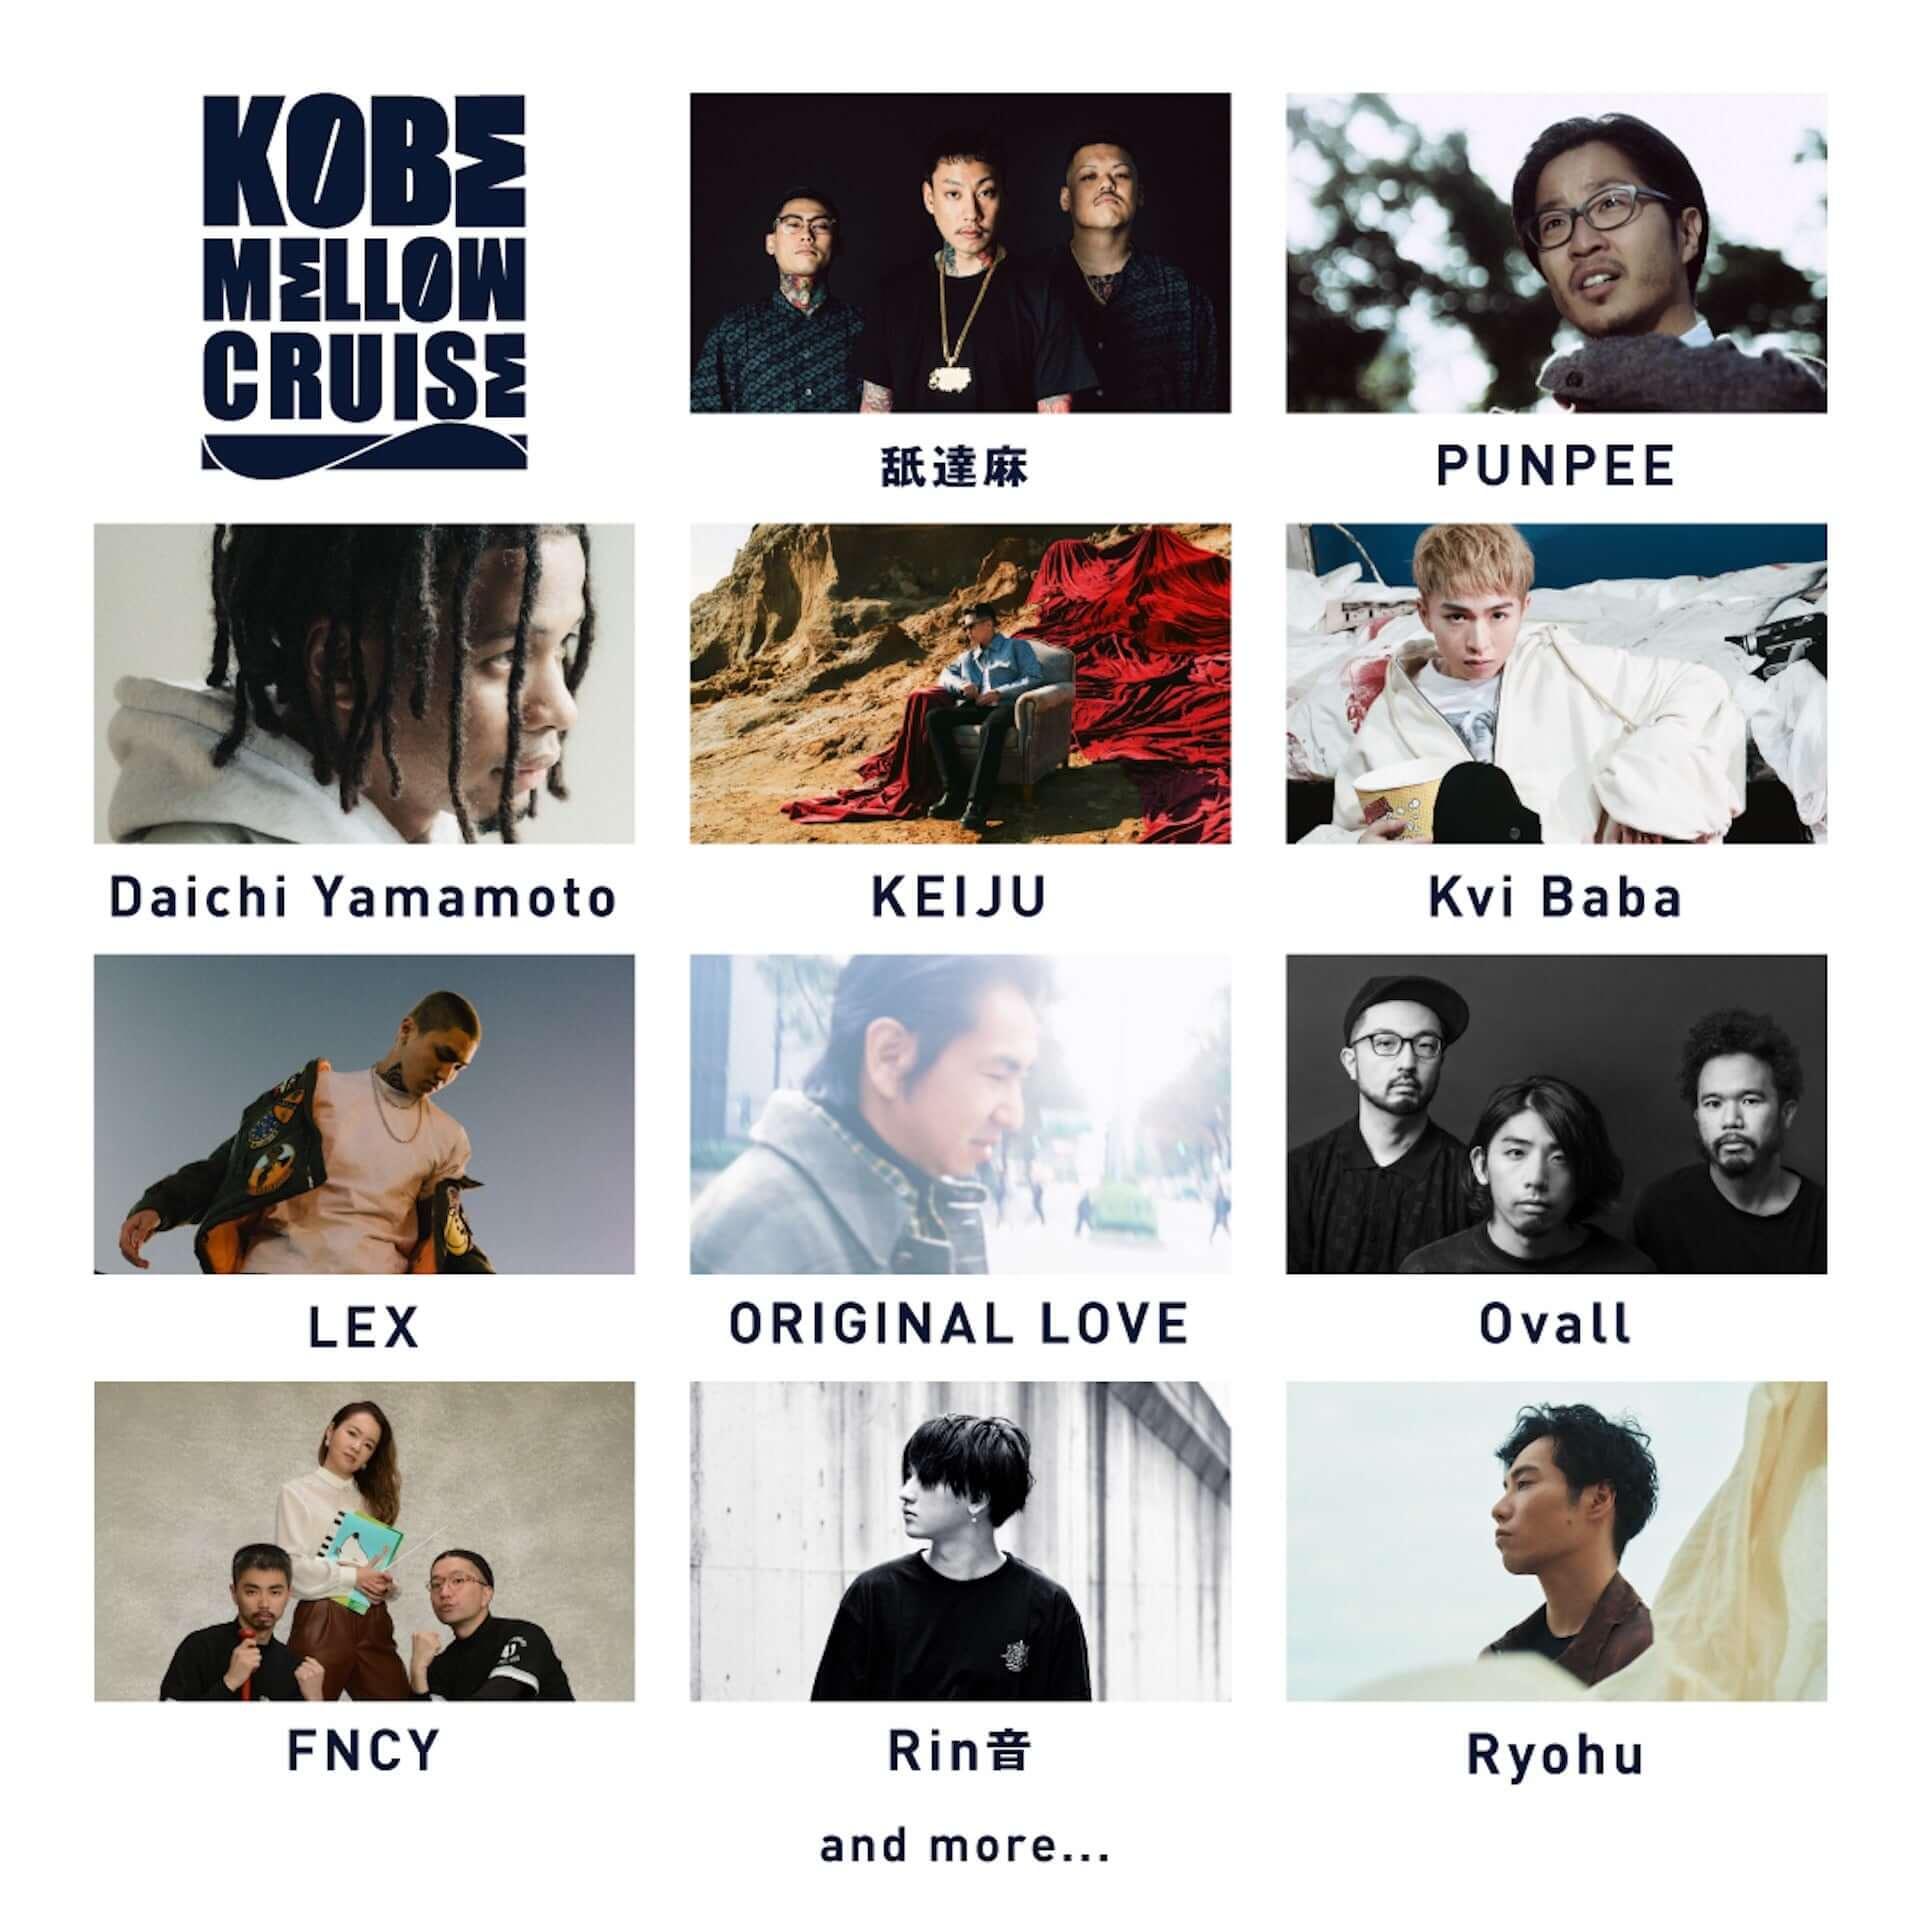 新たな音楽フェス<KOBE MELLOW CRUISE>が神戸メリケンパークで開催決定!舐達麻、PUNPEE、Daichi Yamamoto、Ovallらが出演 music210210_kobe-mellow-cruise_4-1920x1920